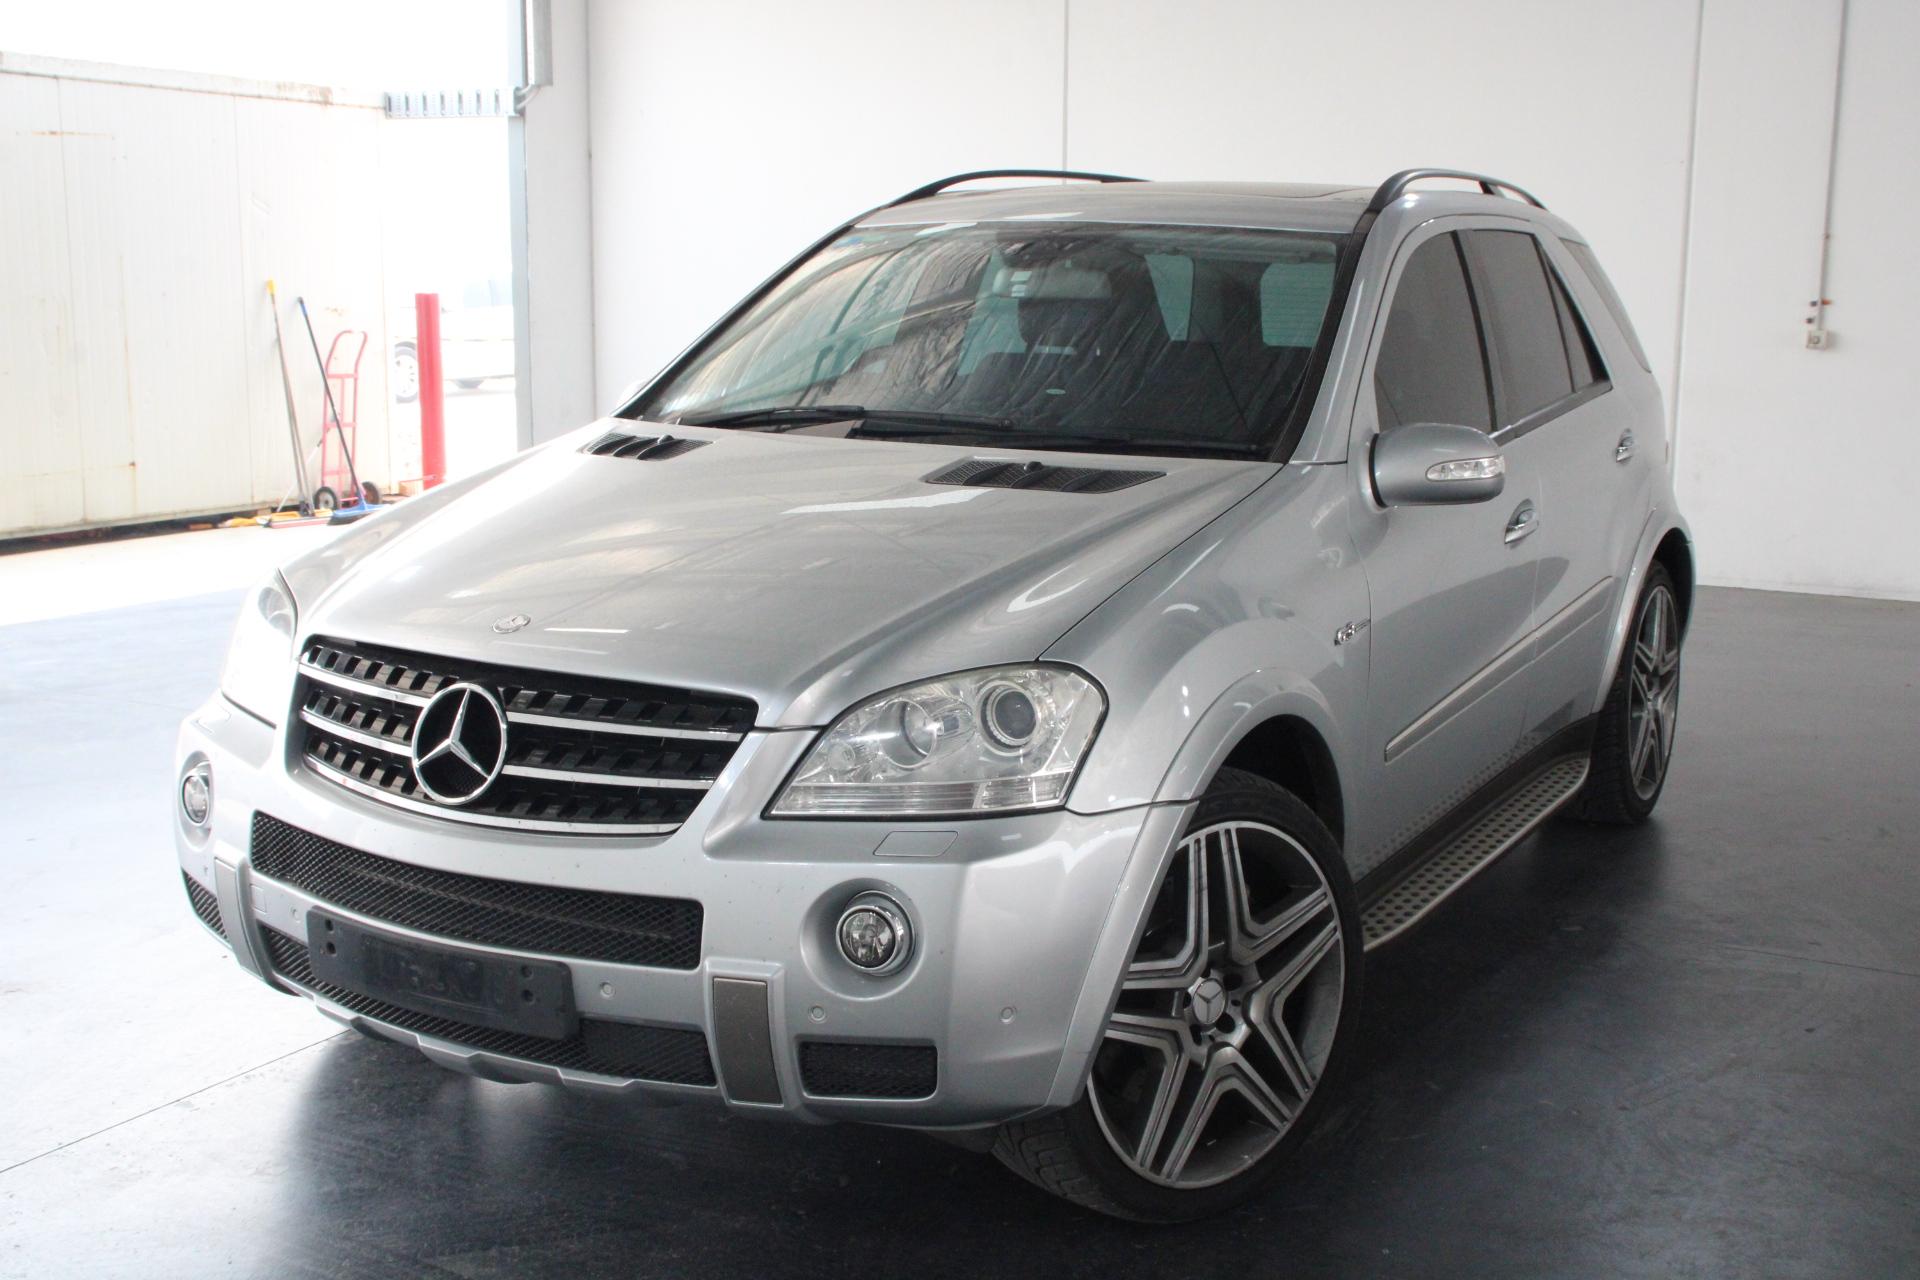 2008 Mercedes Benz ML 63 AMG (4x4) W164 Automatic Wagon